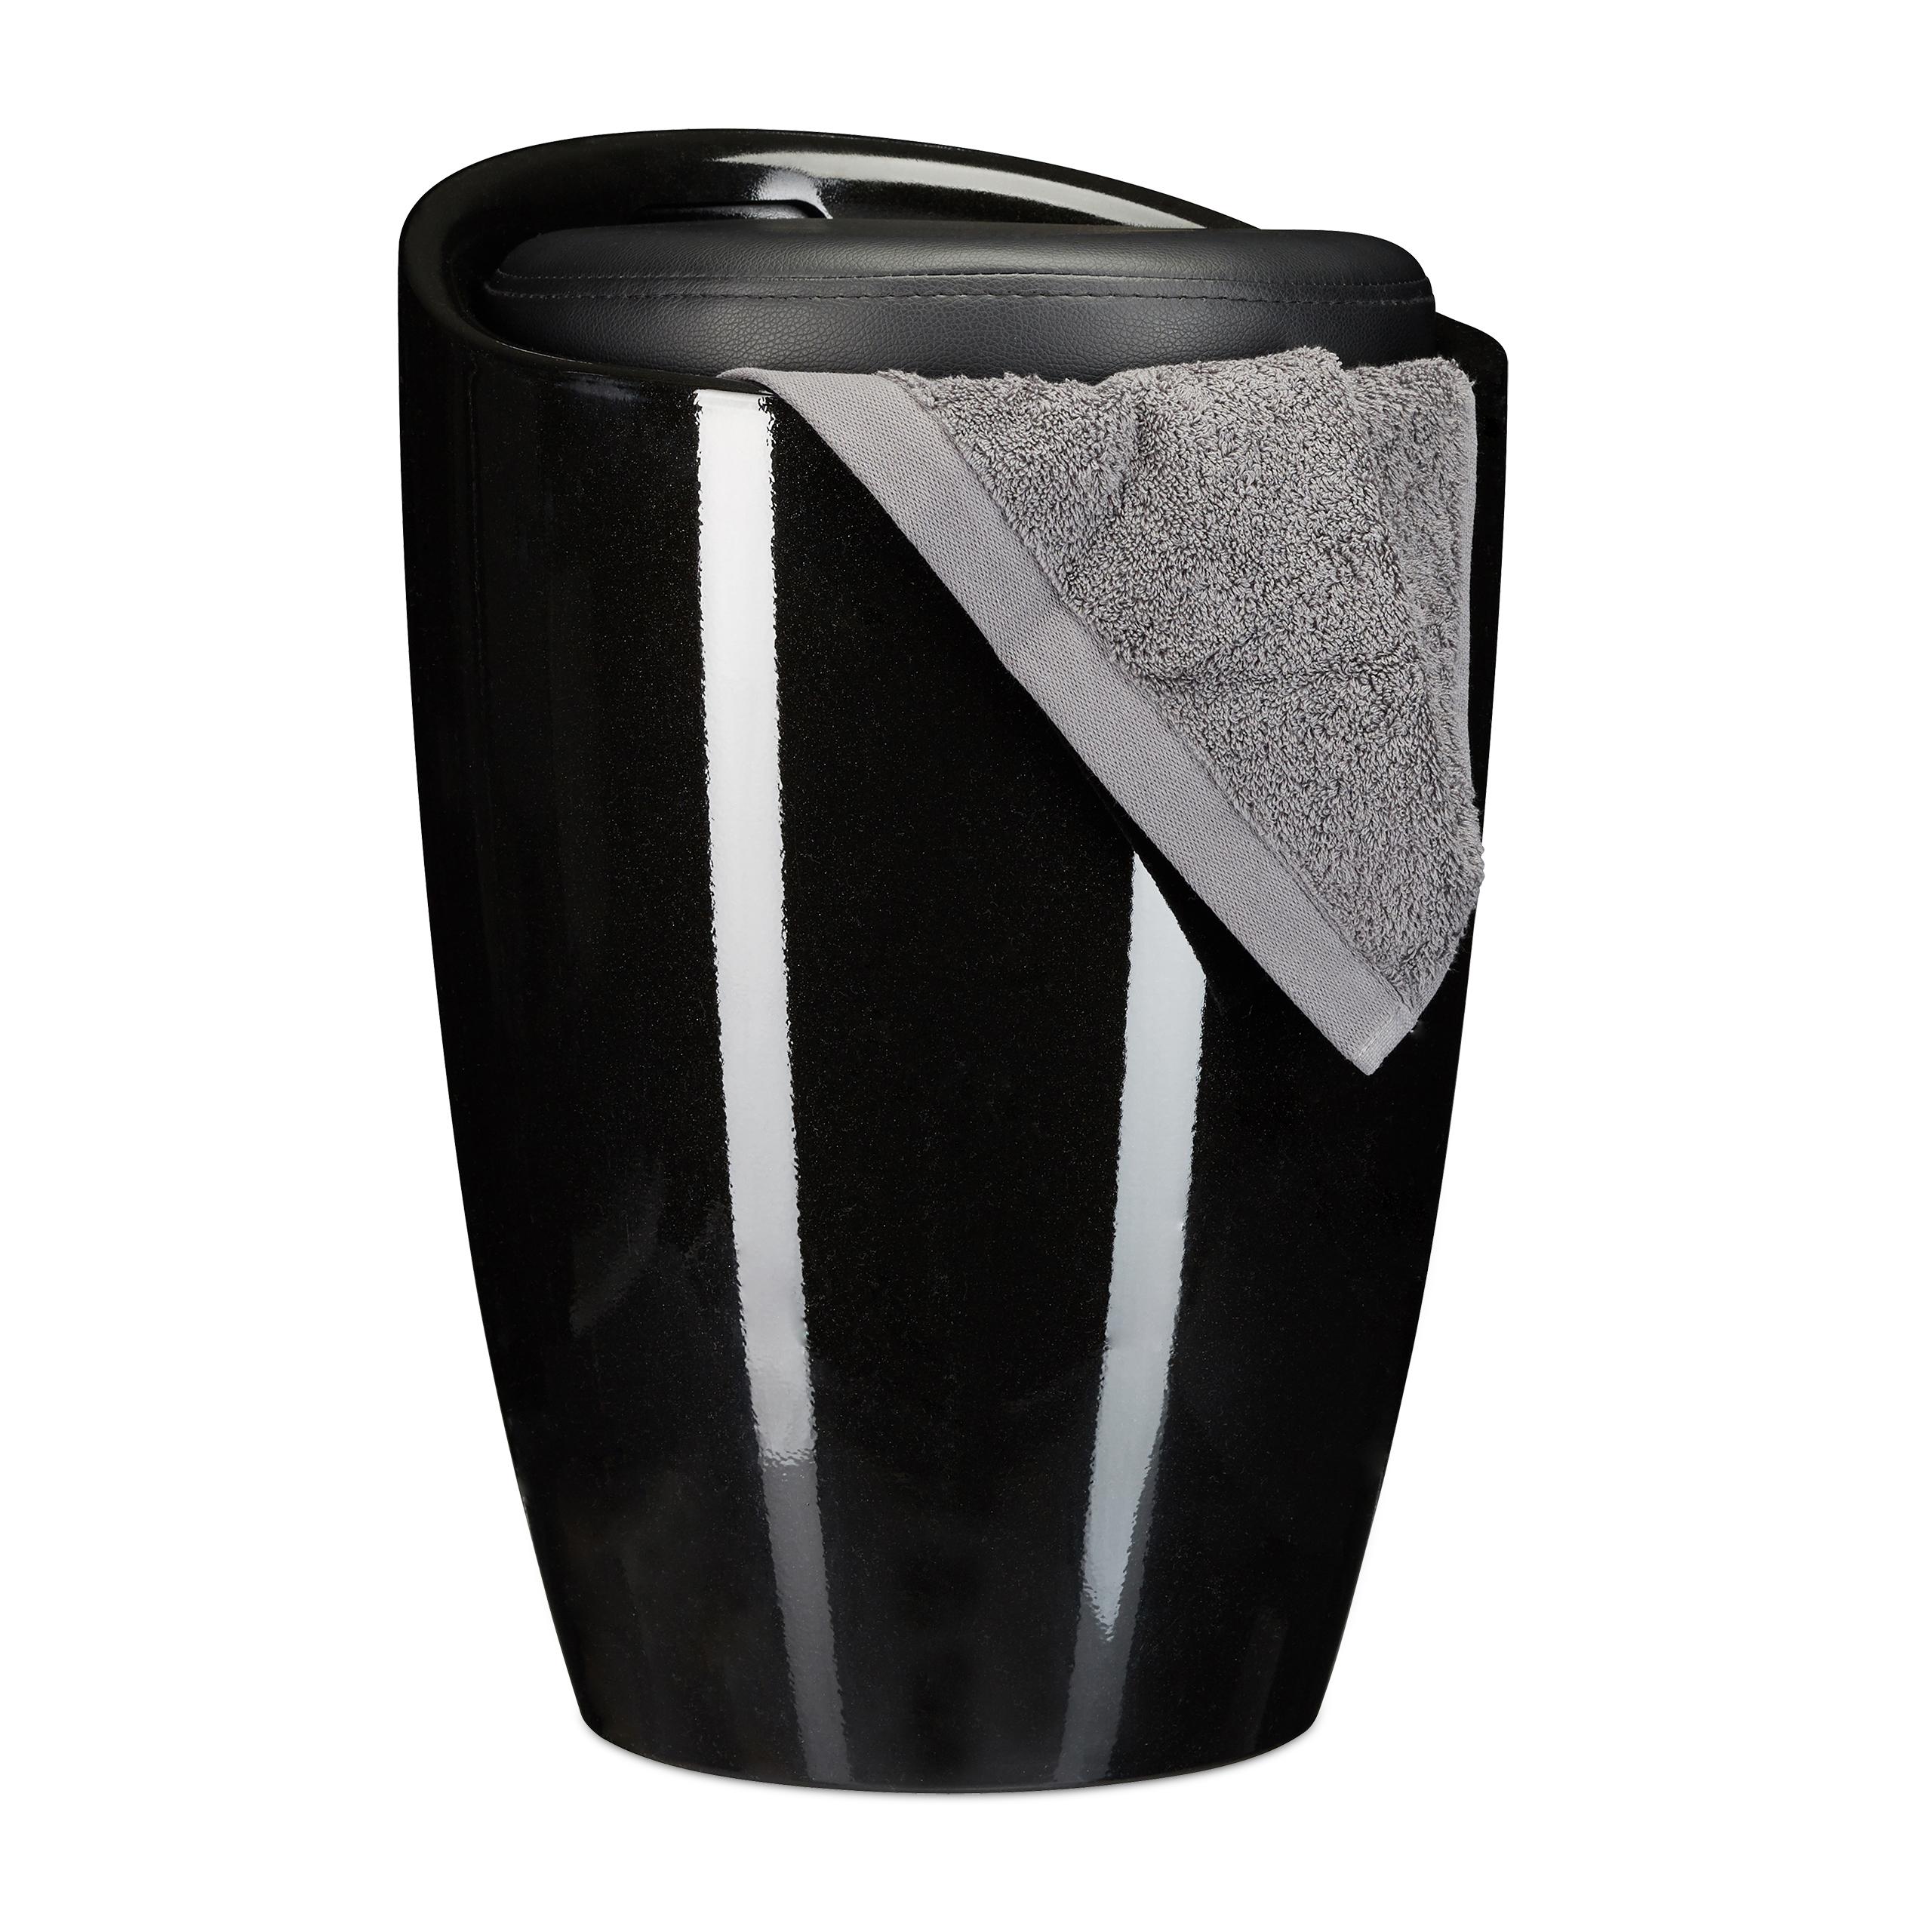 sitzhocker badhocker rund w schekorb w schesammler arbeitshocker mit stauraum ebay. Black Bedroom Furniture Sets. Home Design Ideas